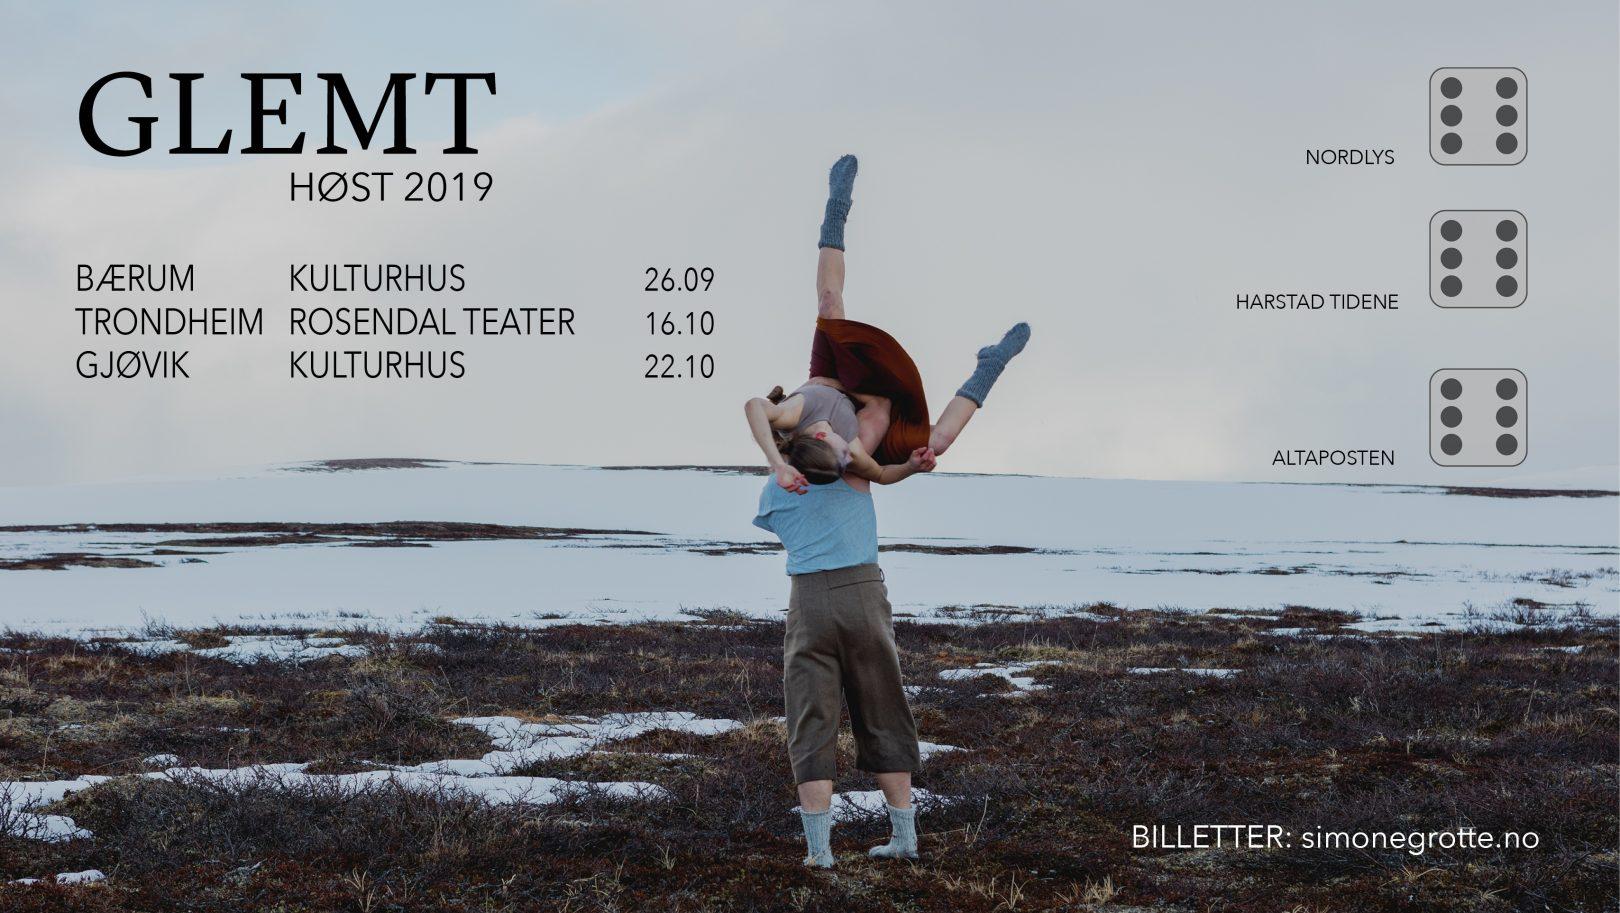 GLEMT høst 2019